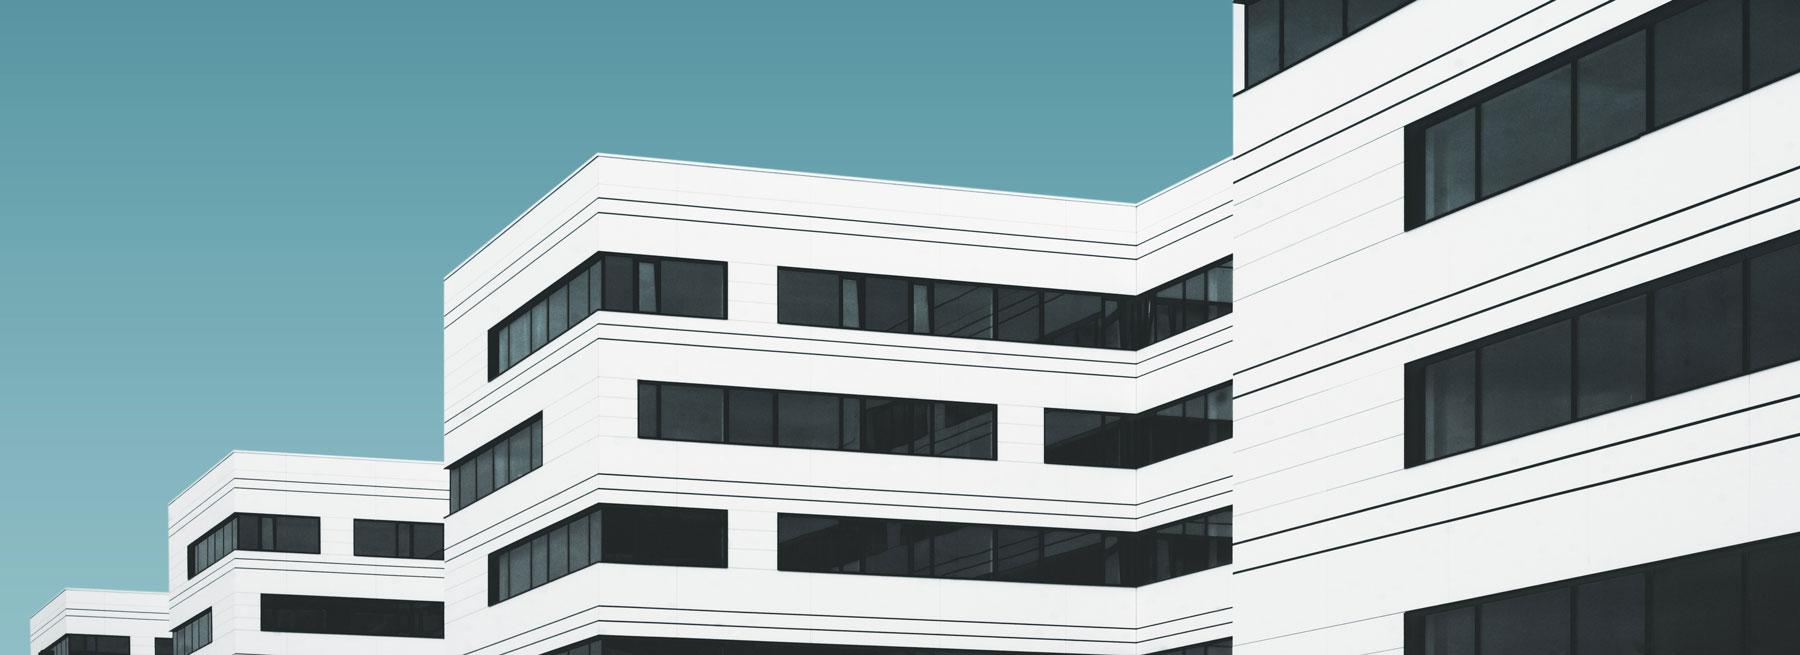 activos-inmobiliarios-banner2